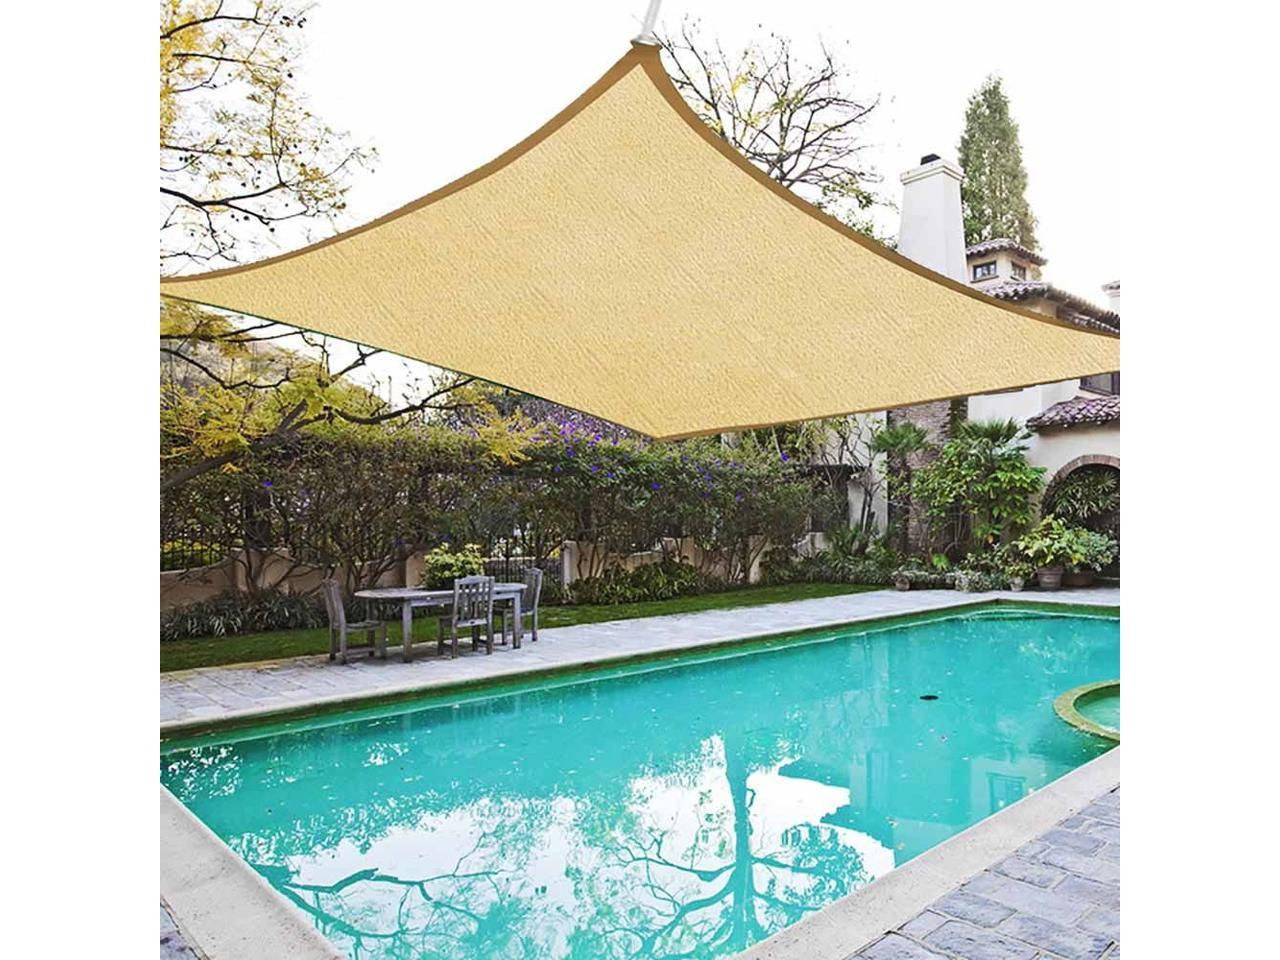 18x18 Square Sun Shade Sail Patio Deck Beach Garden Outdoor Canopy Cover Uv Blocking Newegg Com